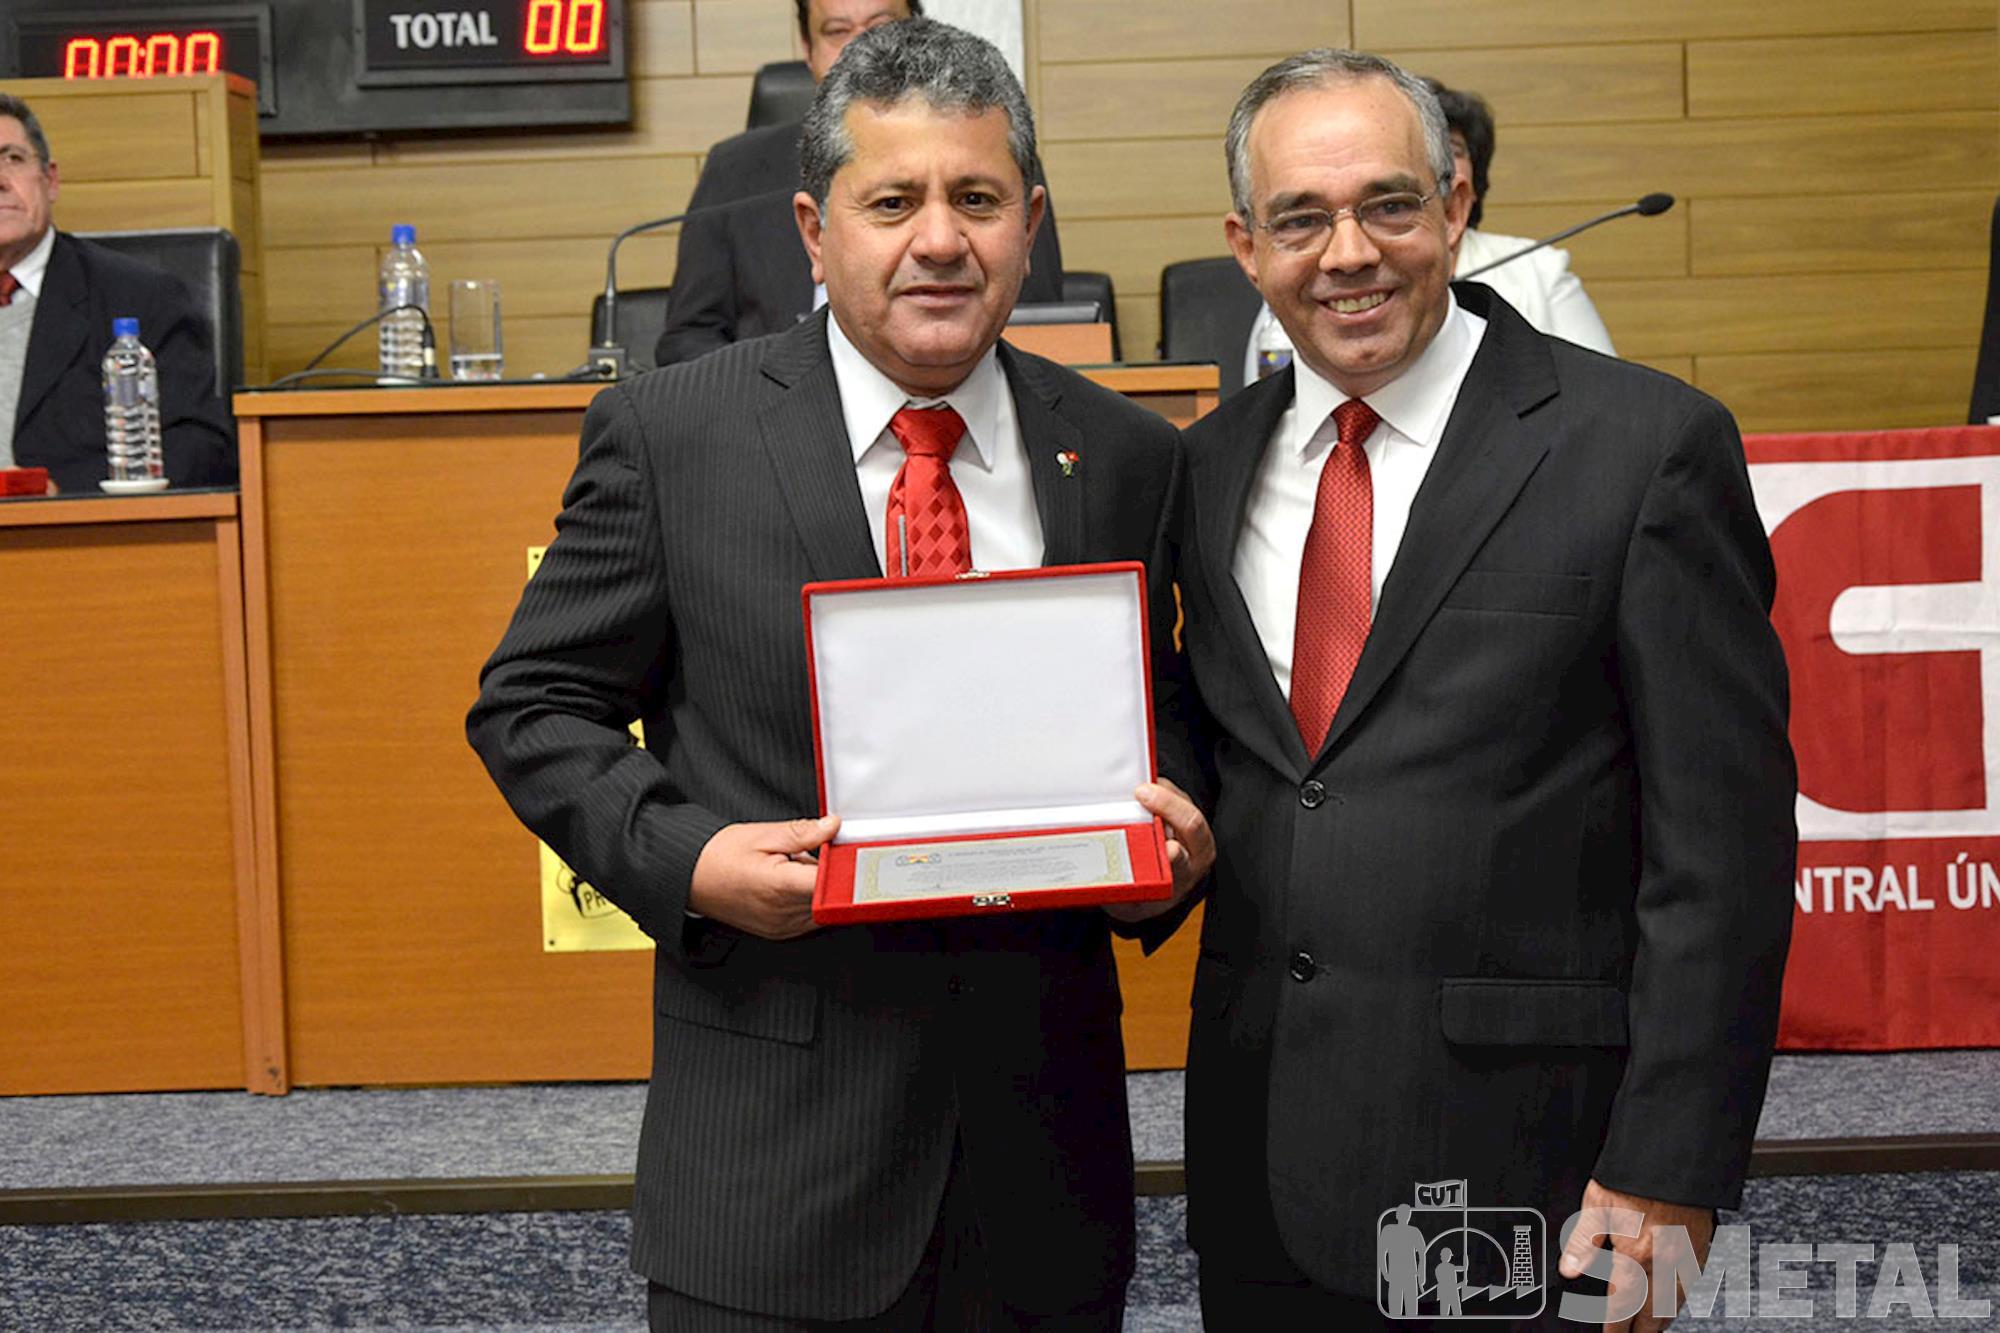 O vereador Carlos Leite (PT) fez entrega de Votos de Congratulações ao colega Izídio,  autor da proposta de sessão solene em homenagem à CUT, Sessão Solene na Câmara de Sorocaba comemora 30 anos de CUT